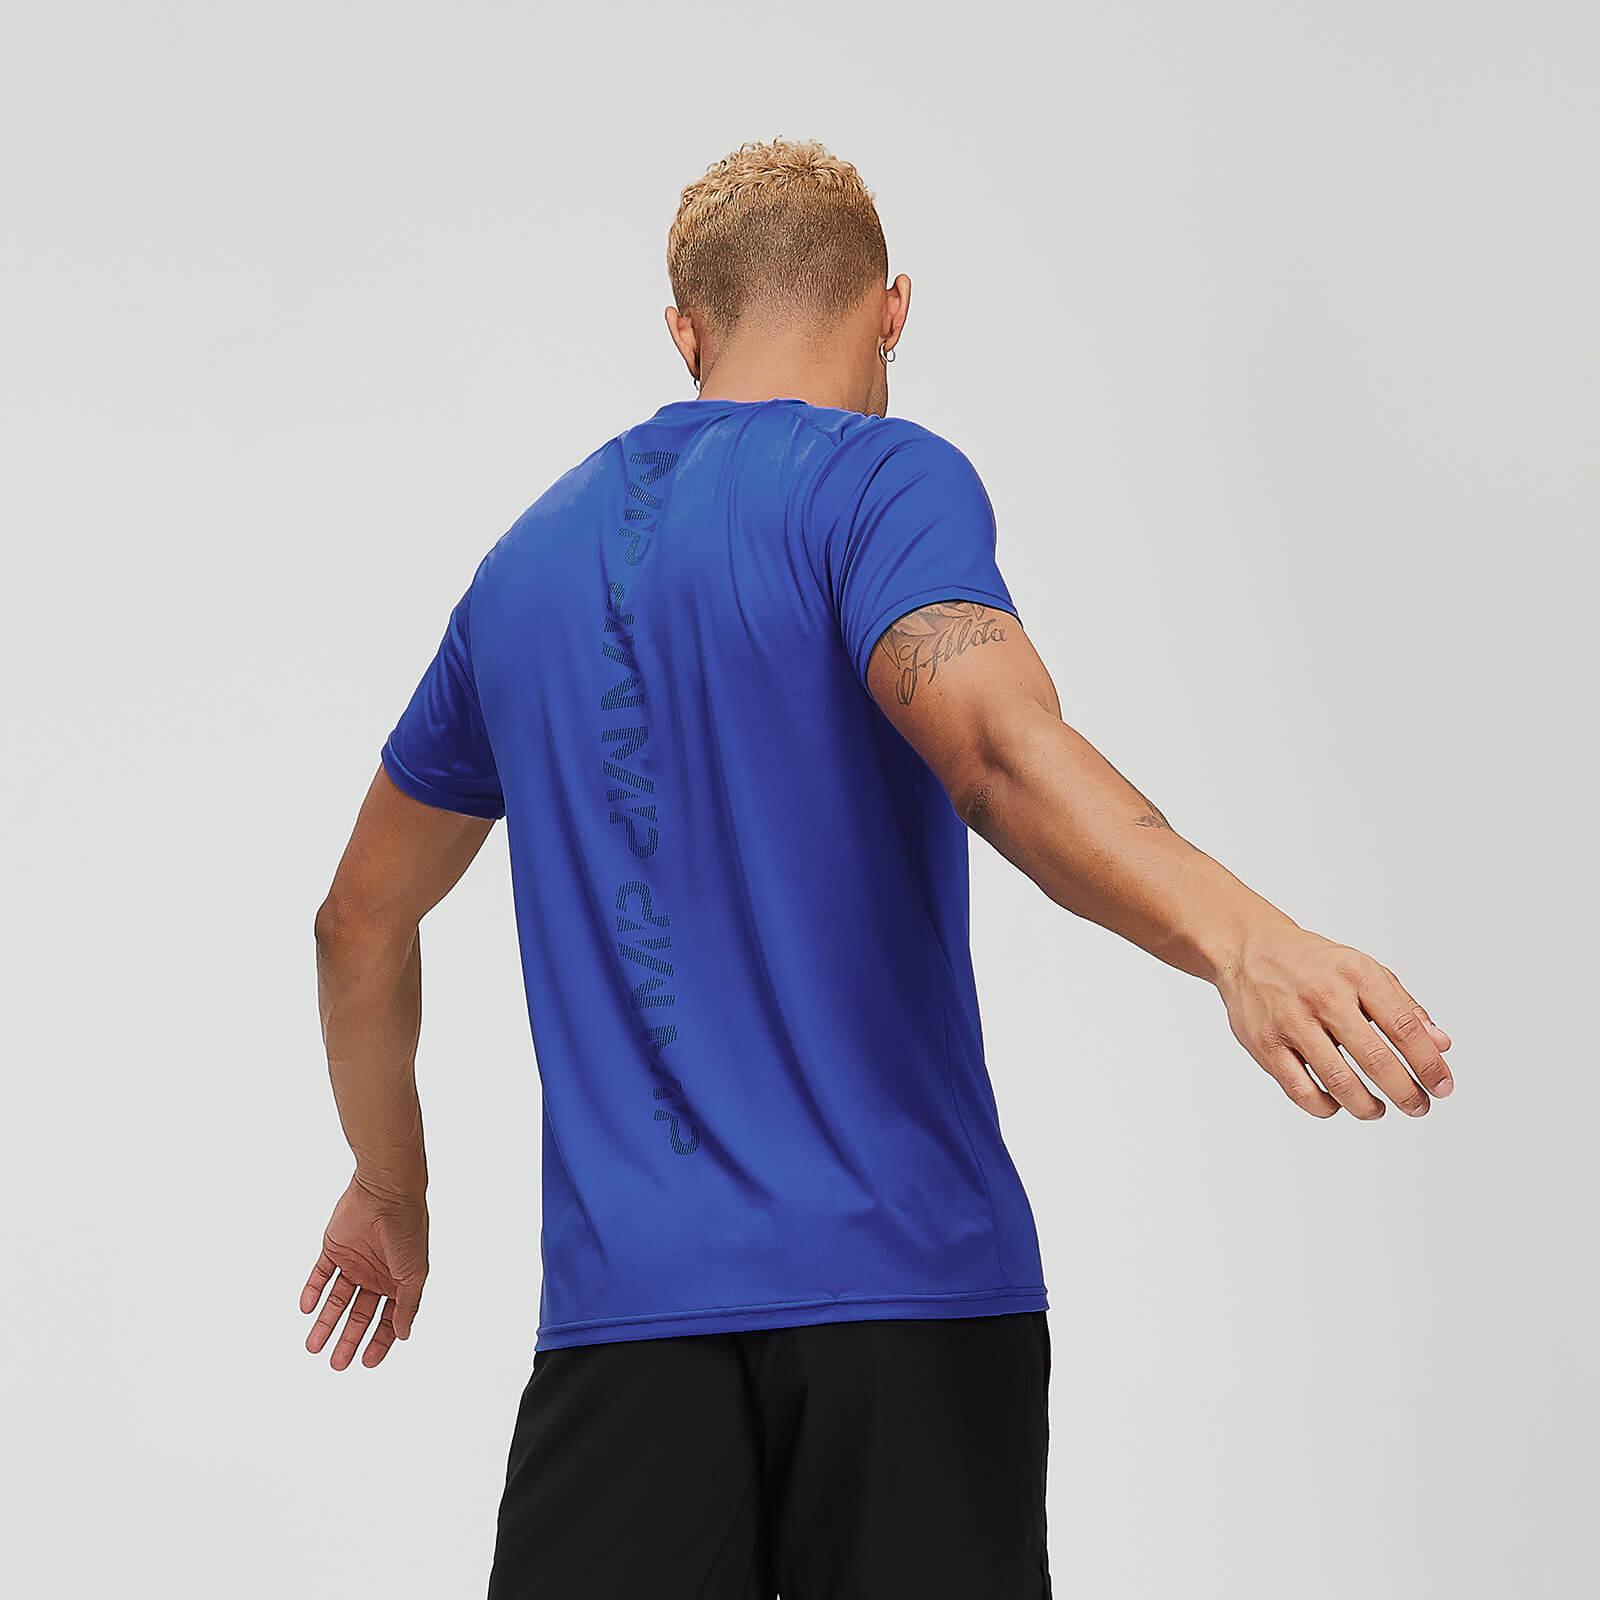 Myprotein Training T-Shirt - Cobalt - XS